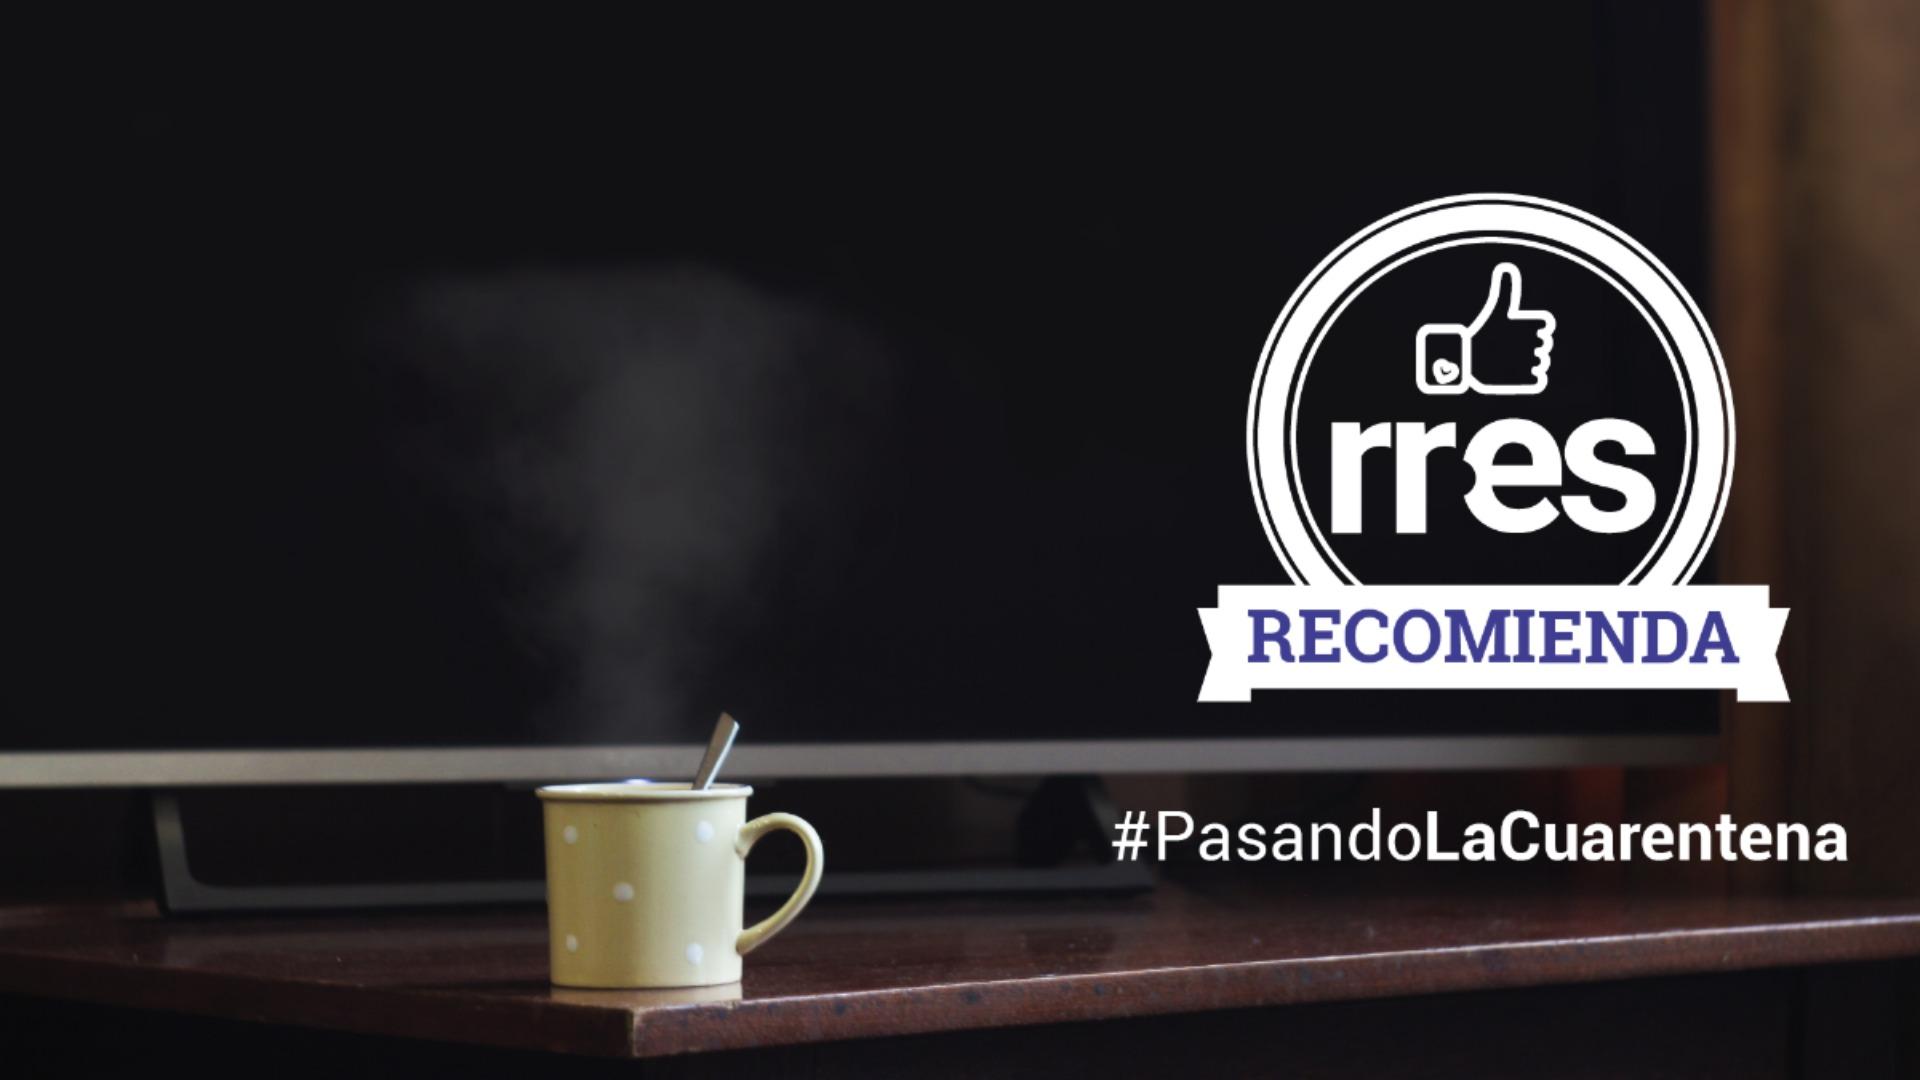 #PasandoLaCuarentena | Cursos online para diseñar en casa #19Mar